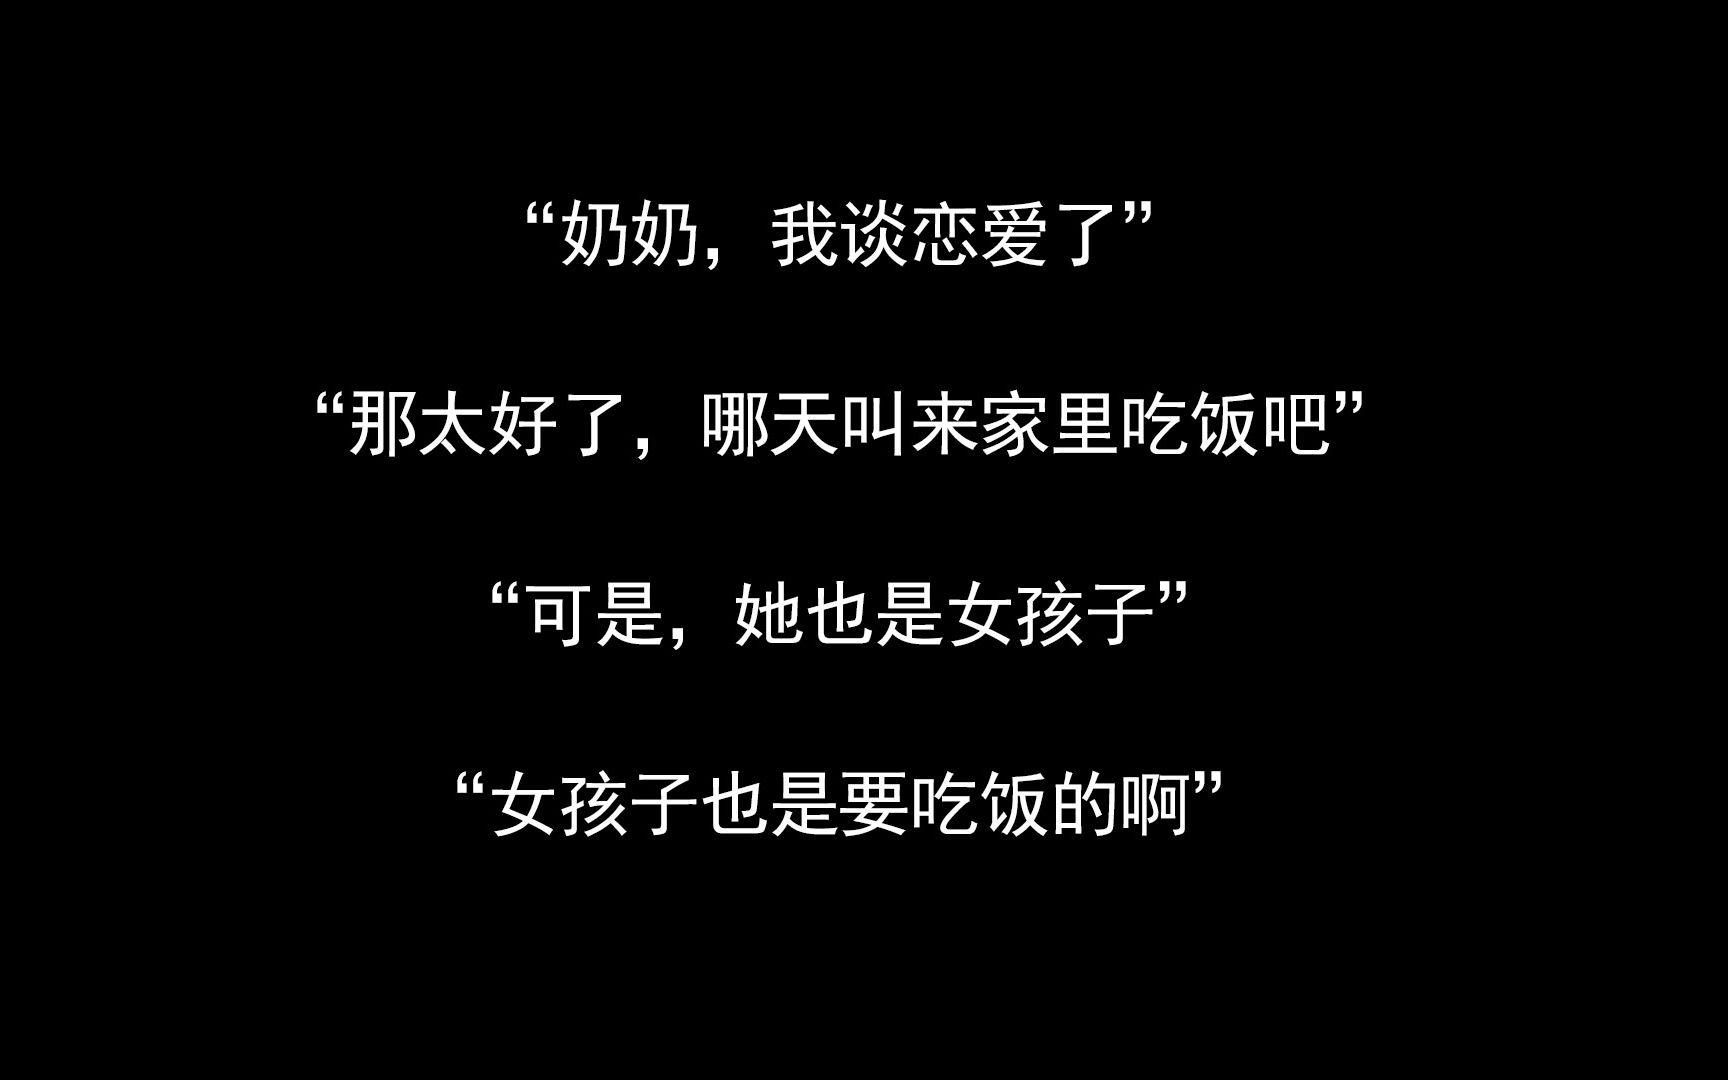 【网易云热评】来听陌生人为你讲一个故事